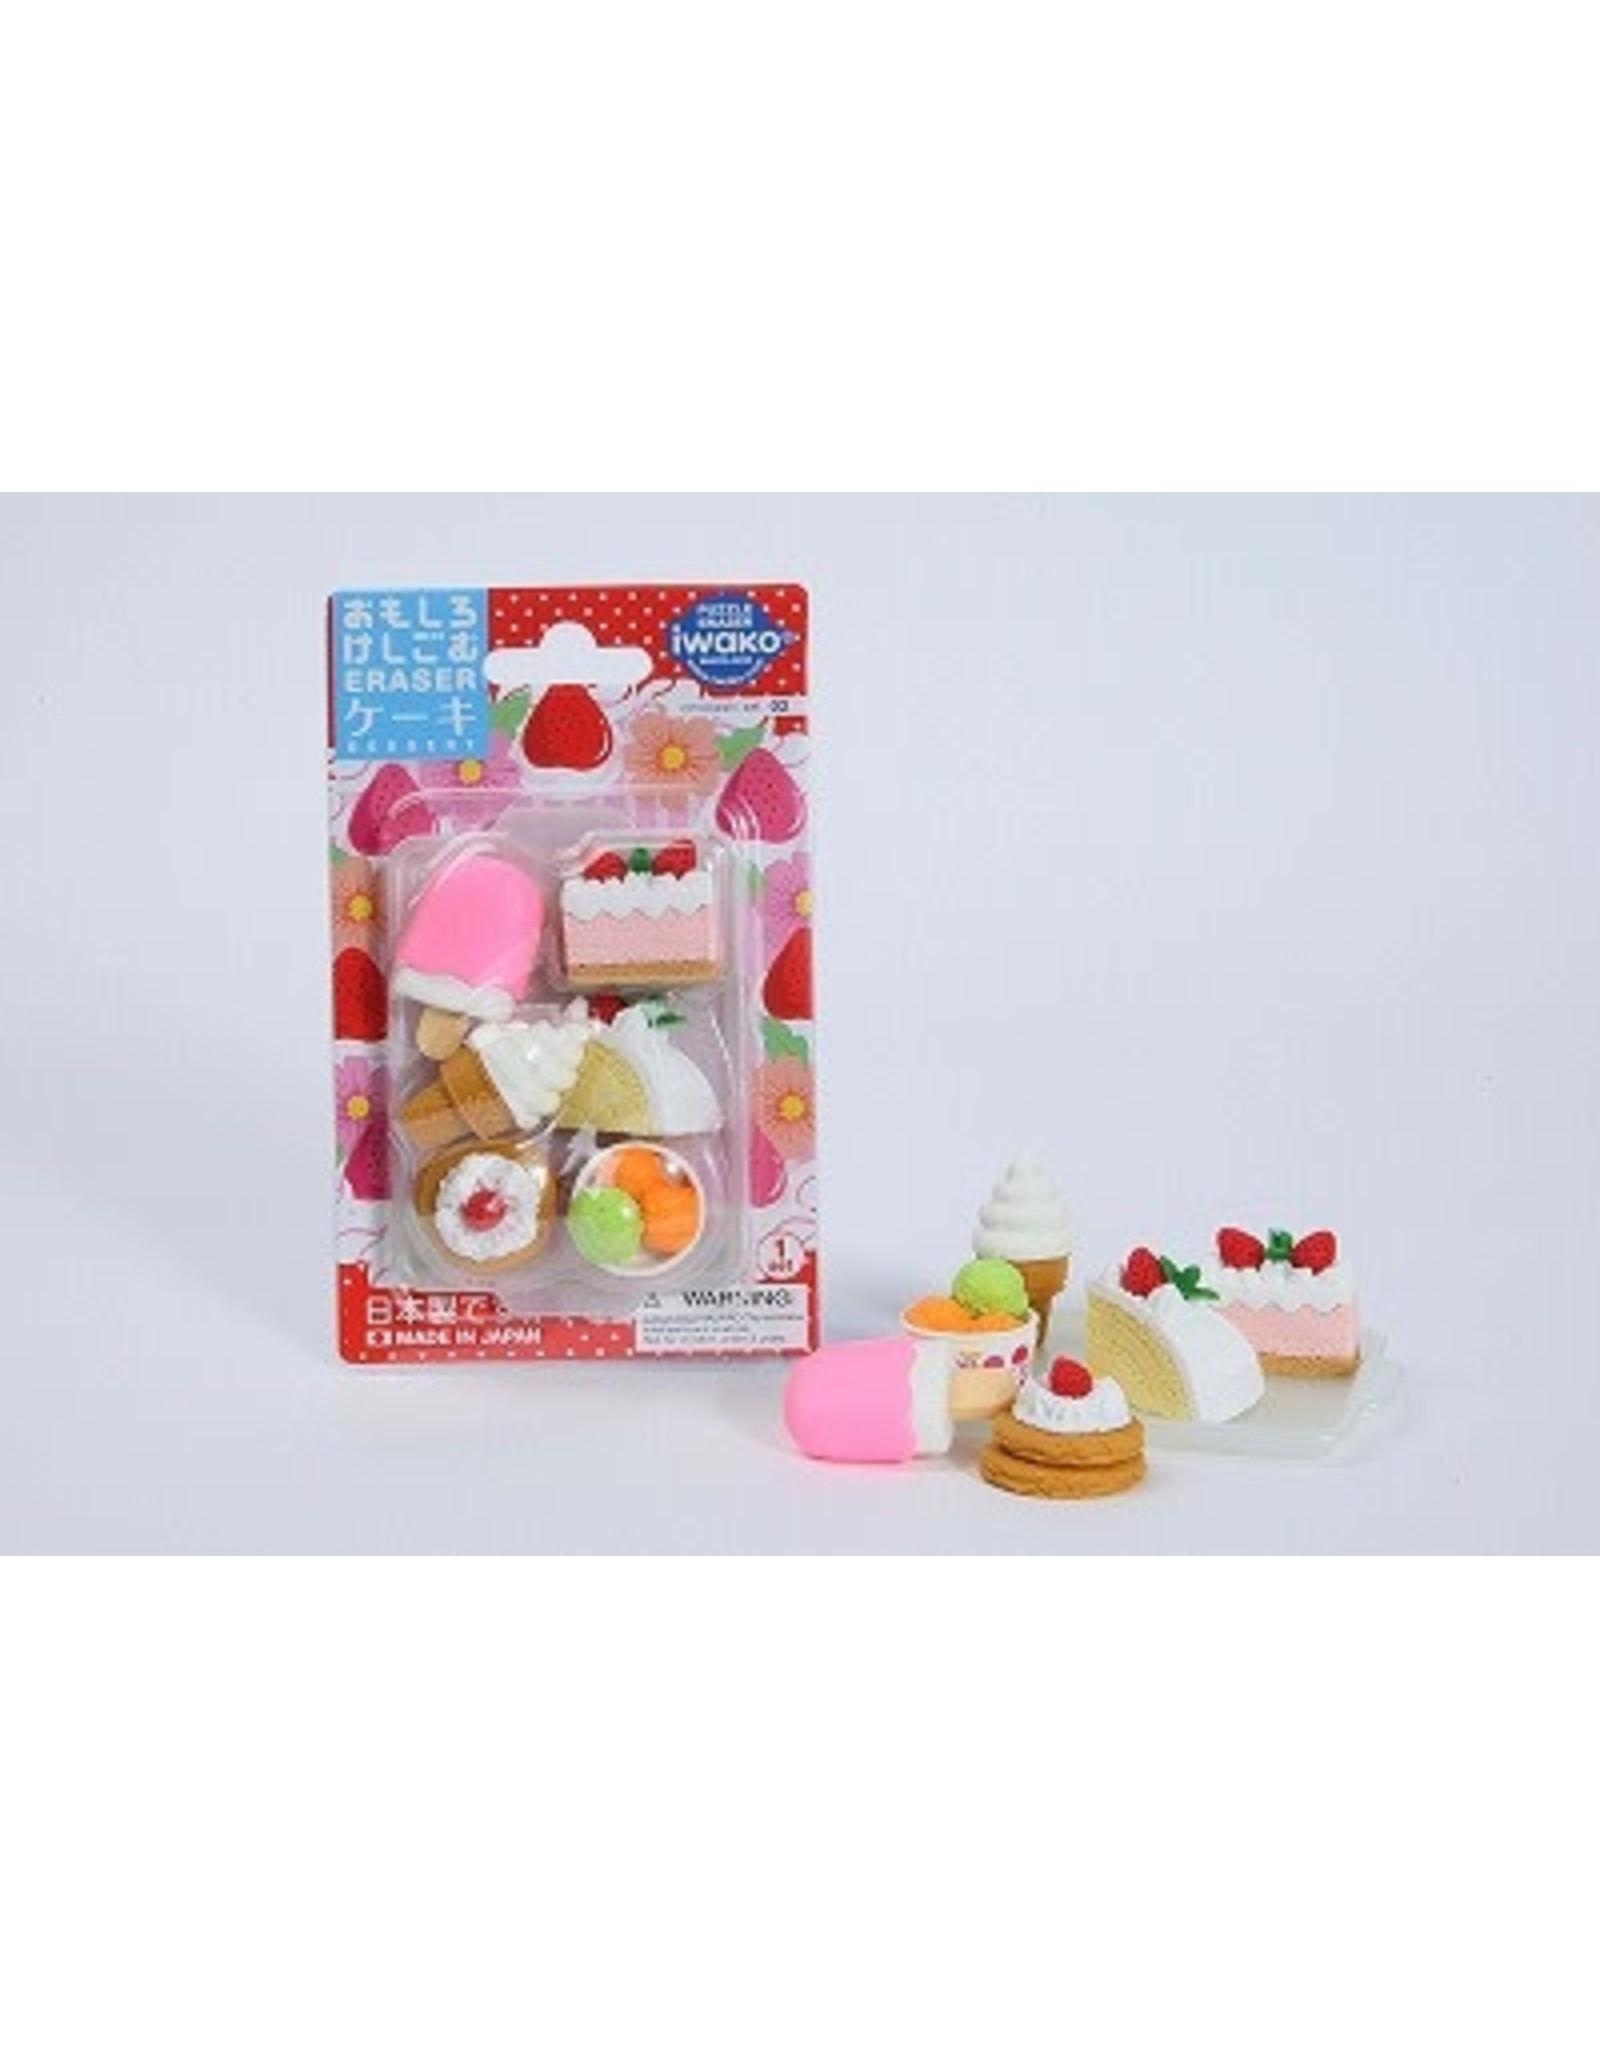 IWAKO IWAKO UNIQUE ERASER BLISTER CAKE & ICE CREAM